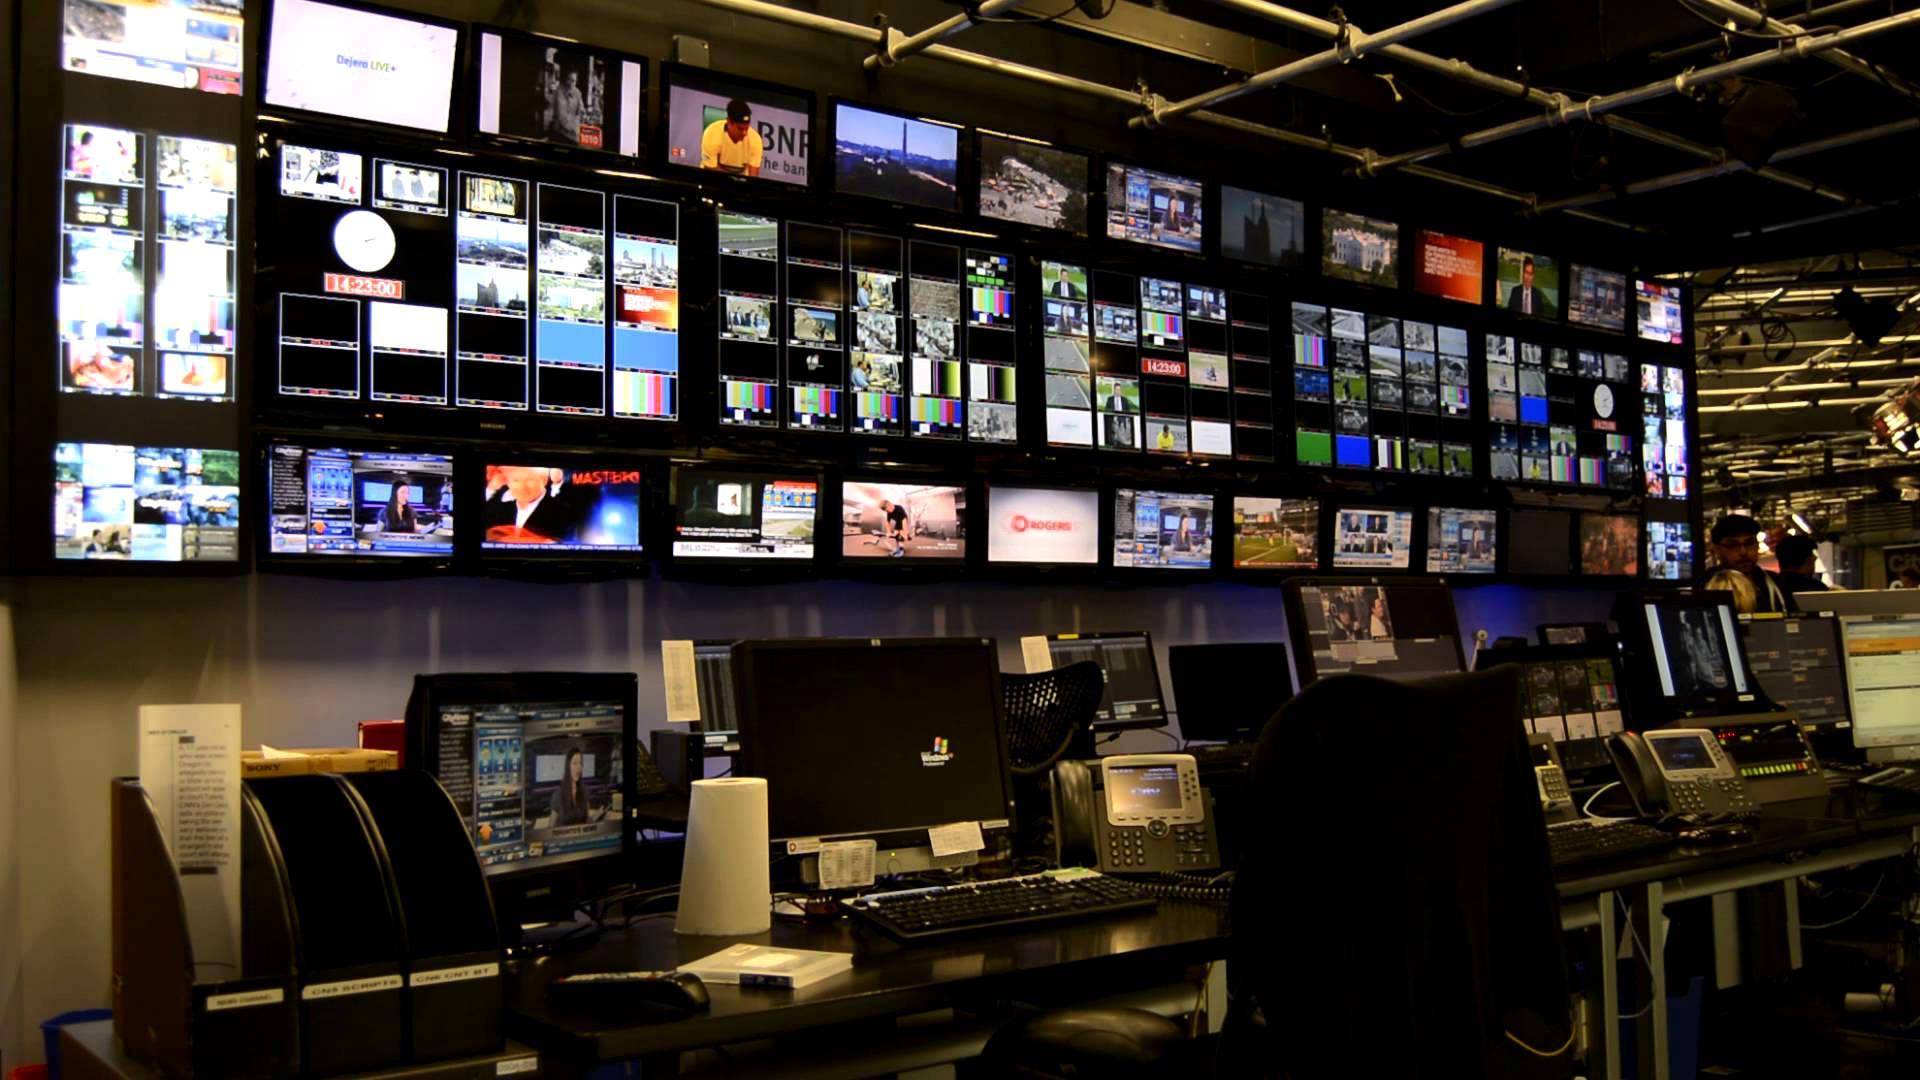 Πώς θα γίνει η δημοπρασία για τις 4 τηλεοπτικές άδειες - Σήμερα η πρόβα τζενεράλε